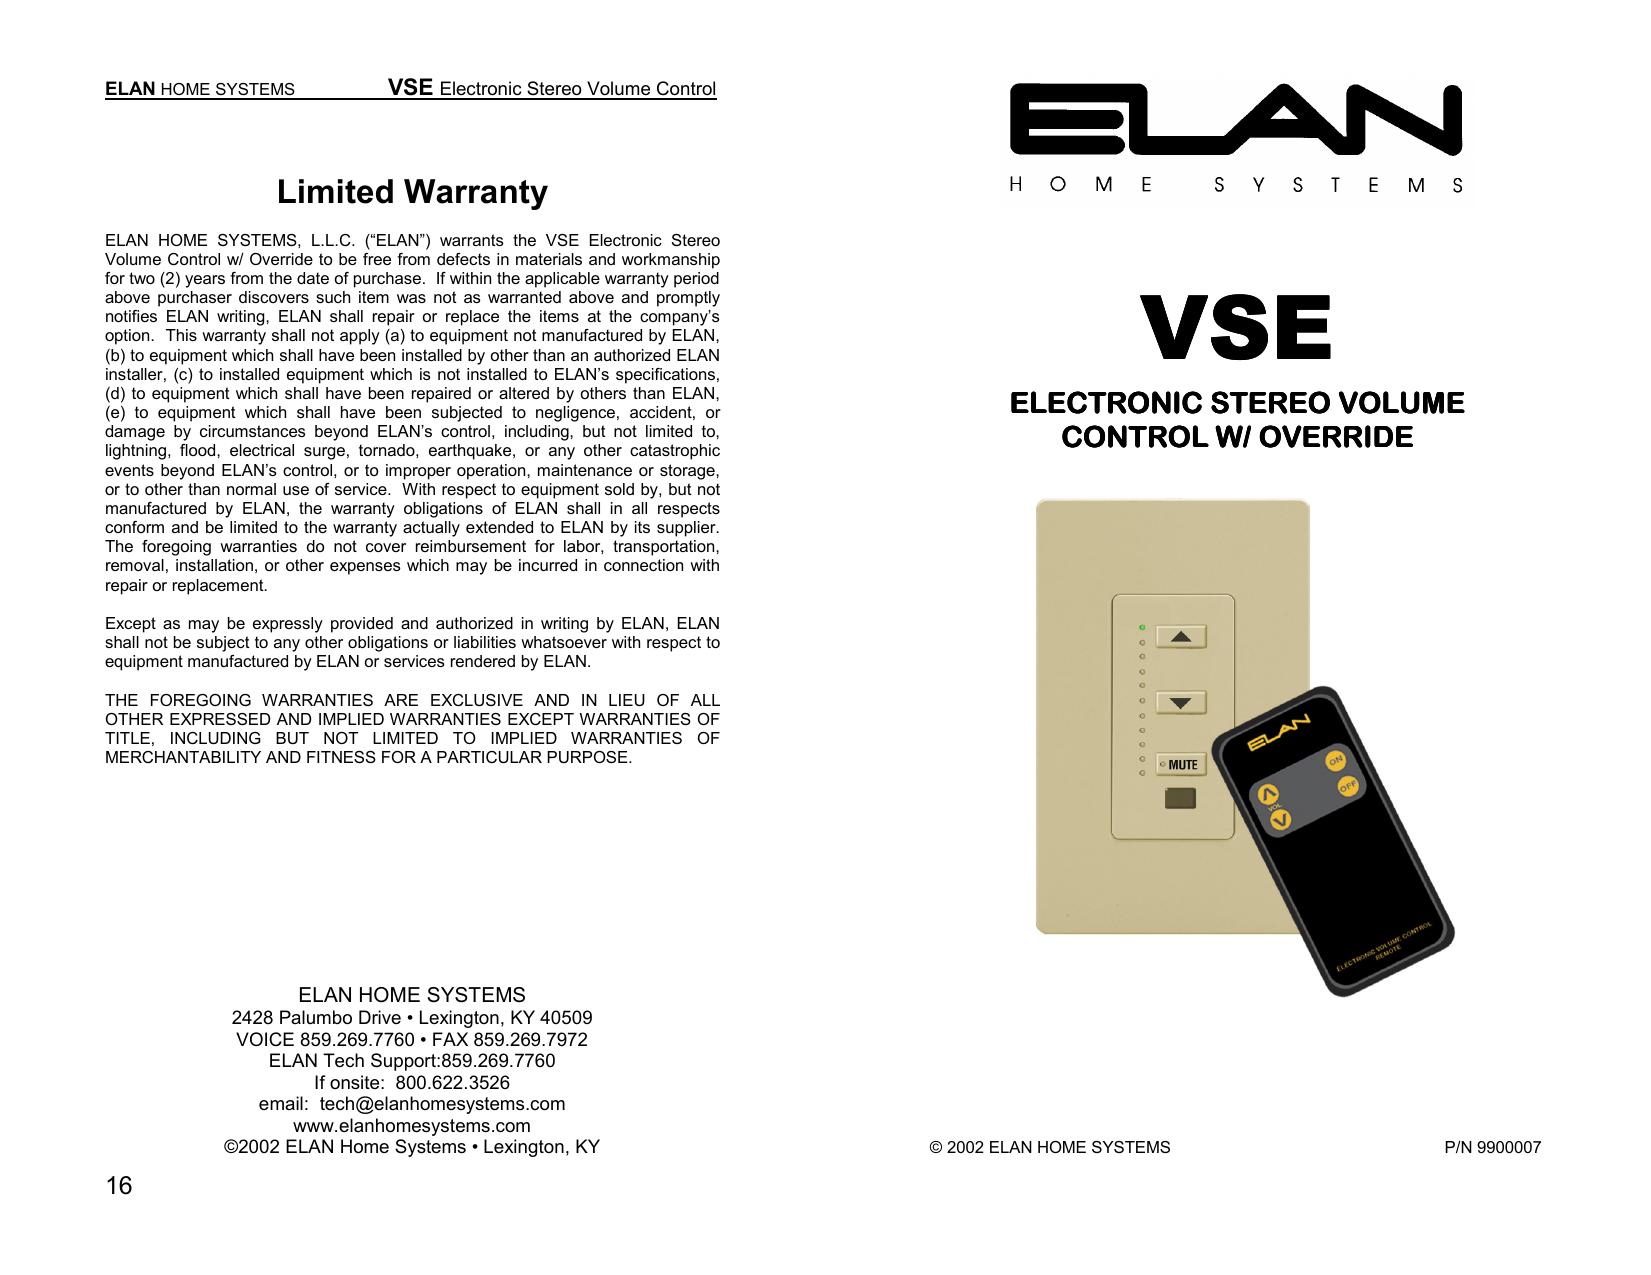 vse installation manual | manualzz  manualzz